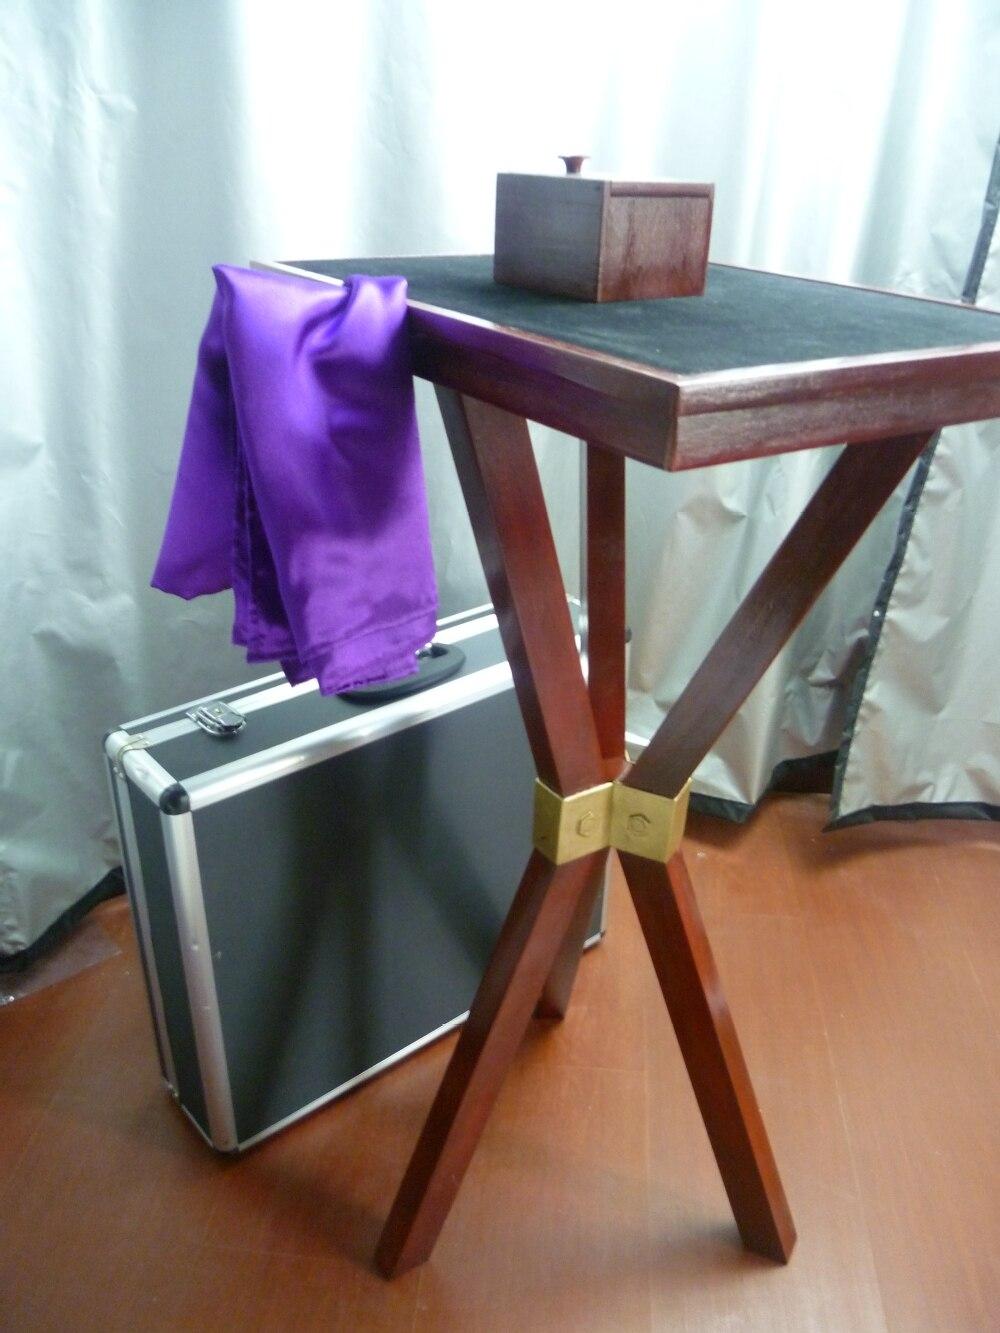 Trinité table flottante losander-magie de scène professionnelle